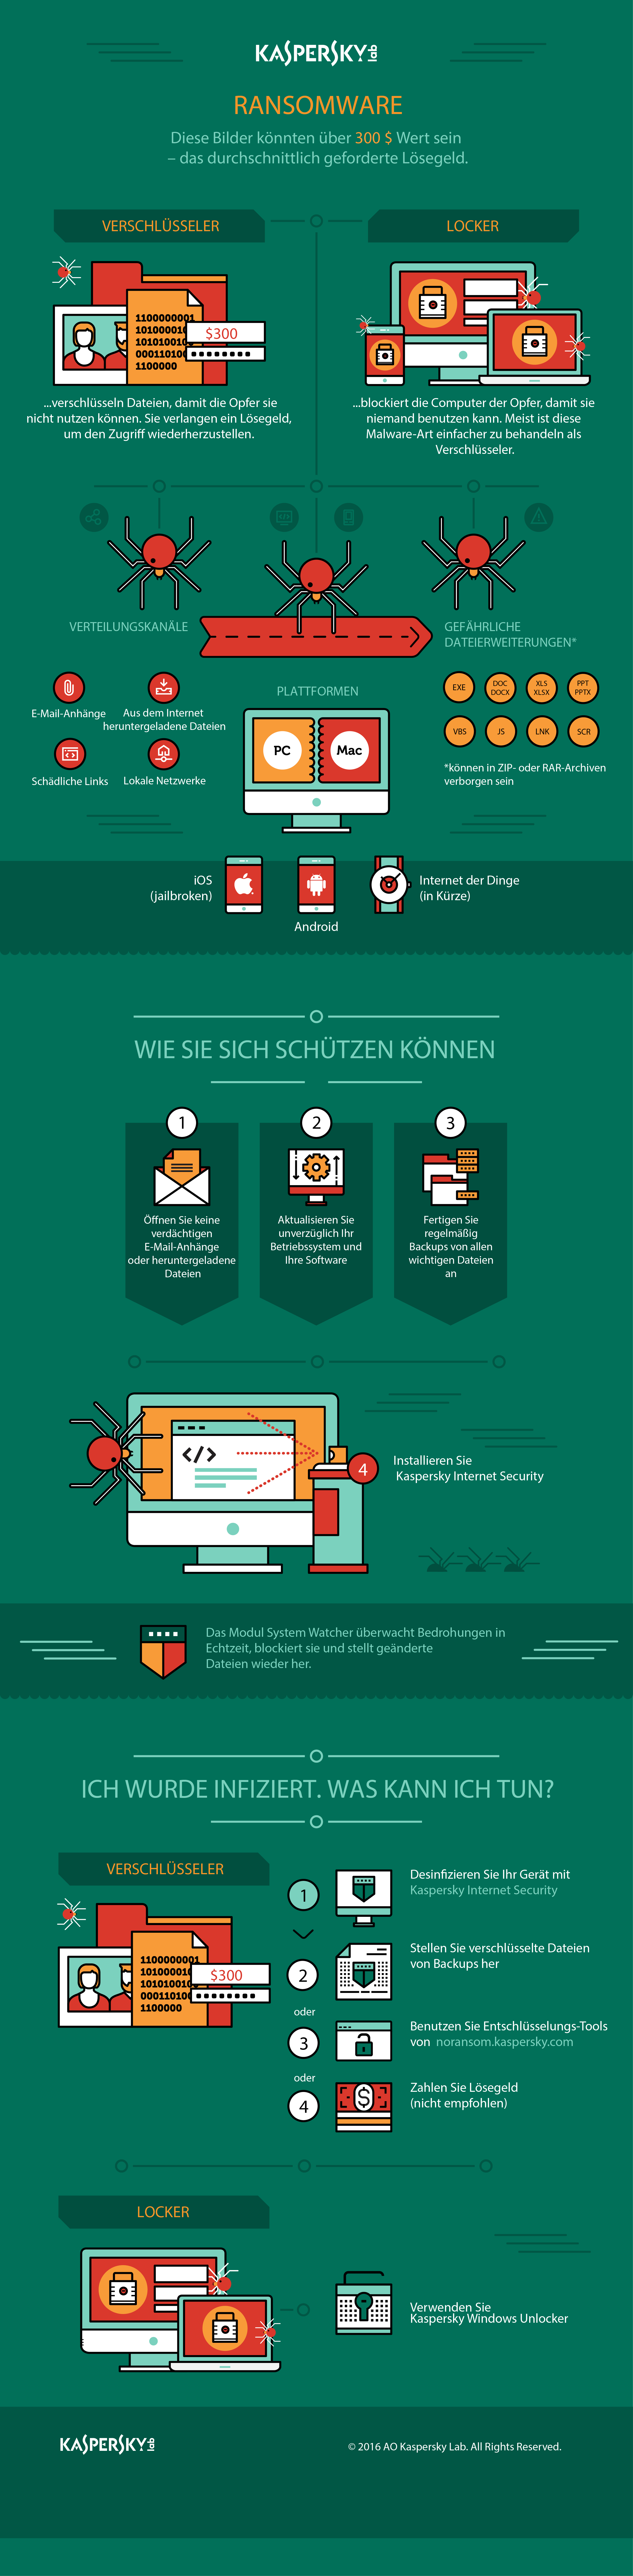 ransomware_de